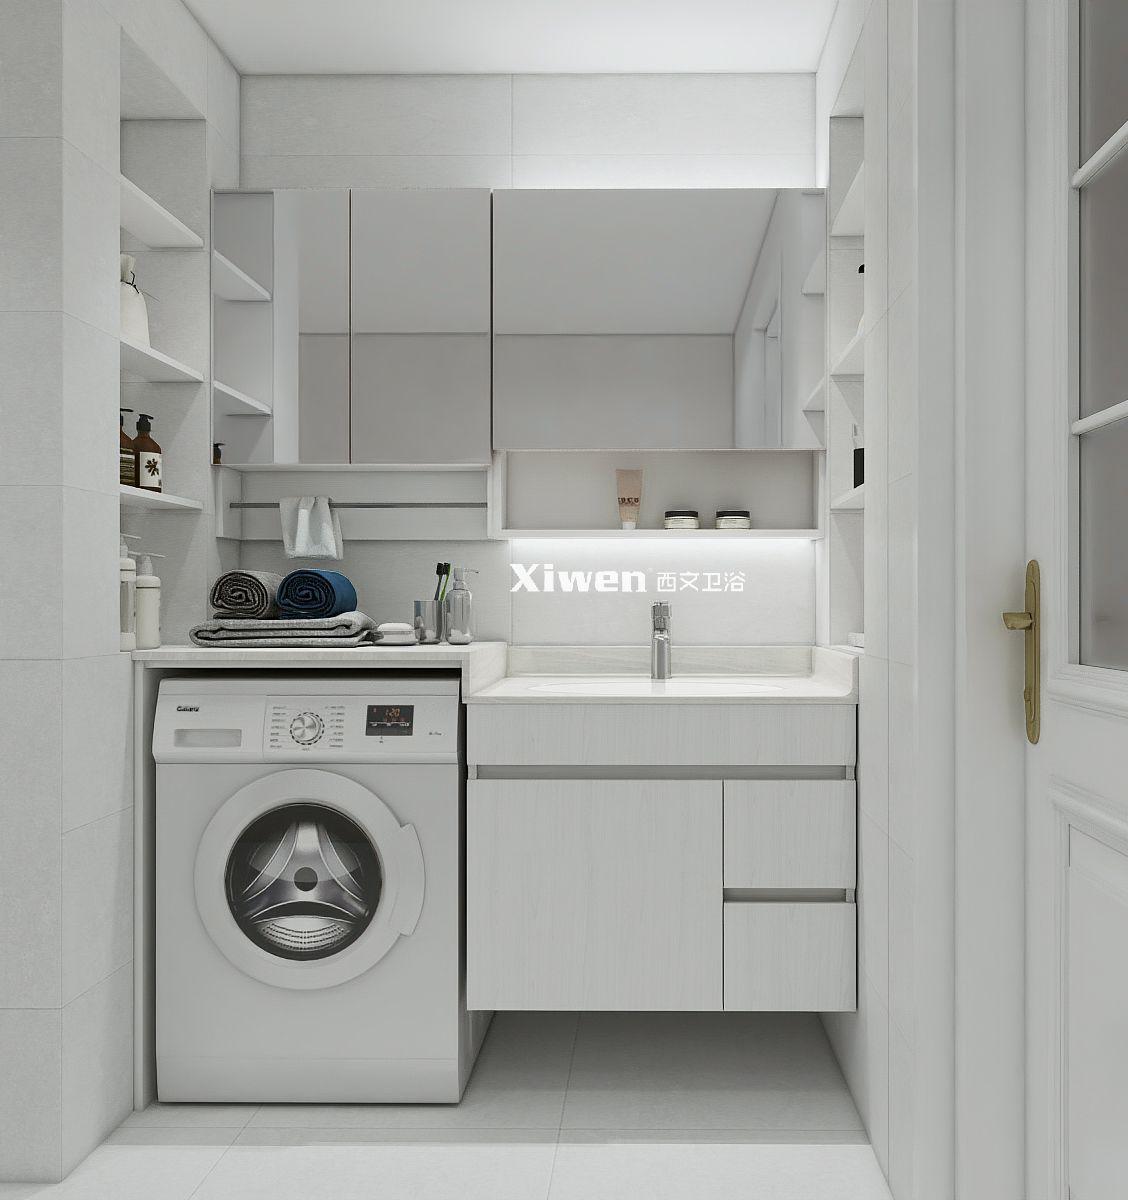 西文非�硕ㄖ�-洗衣�C柜